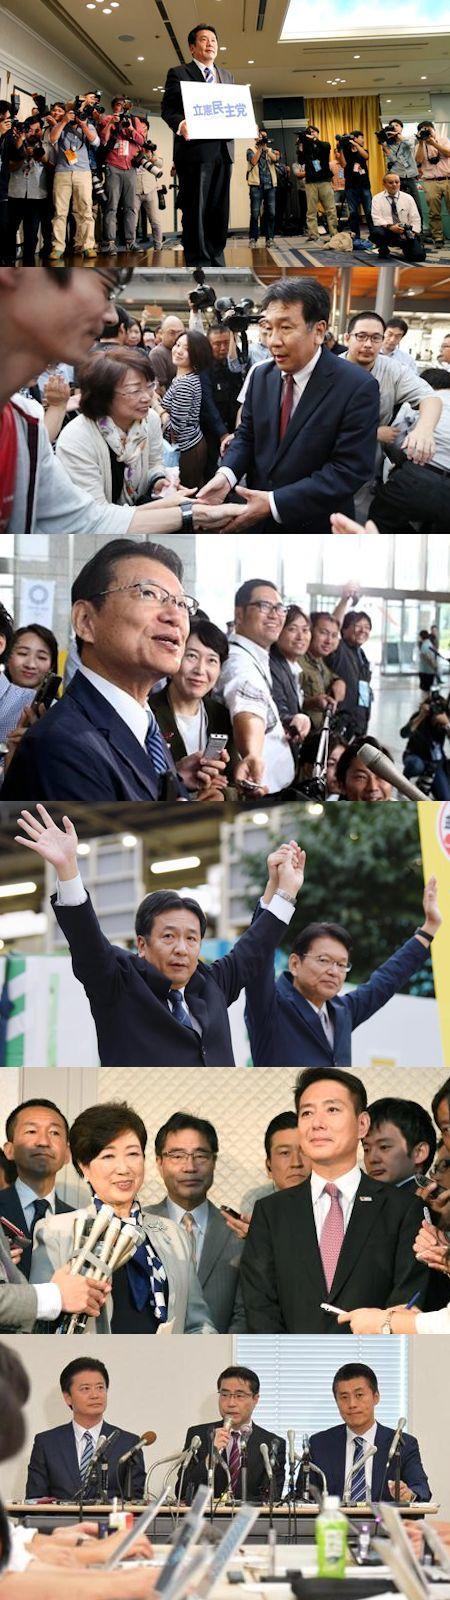 枝野幸男新党の明と暗 - 立憲民主党はなぜ50人しか候補を立てないのか_c0315619_14231935.jpg